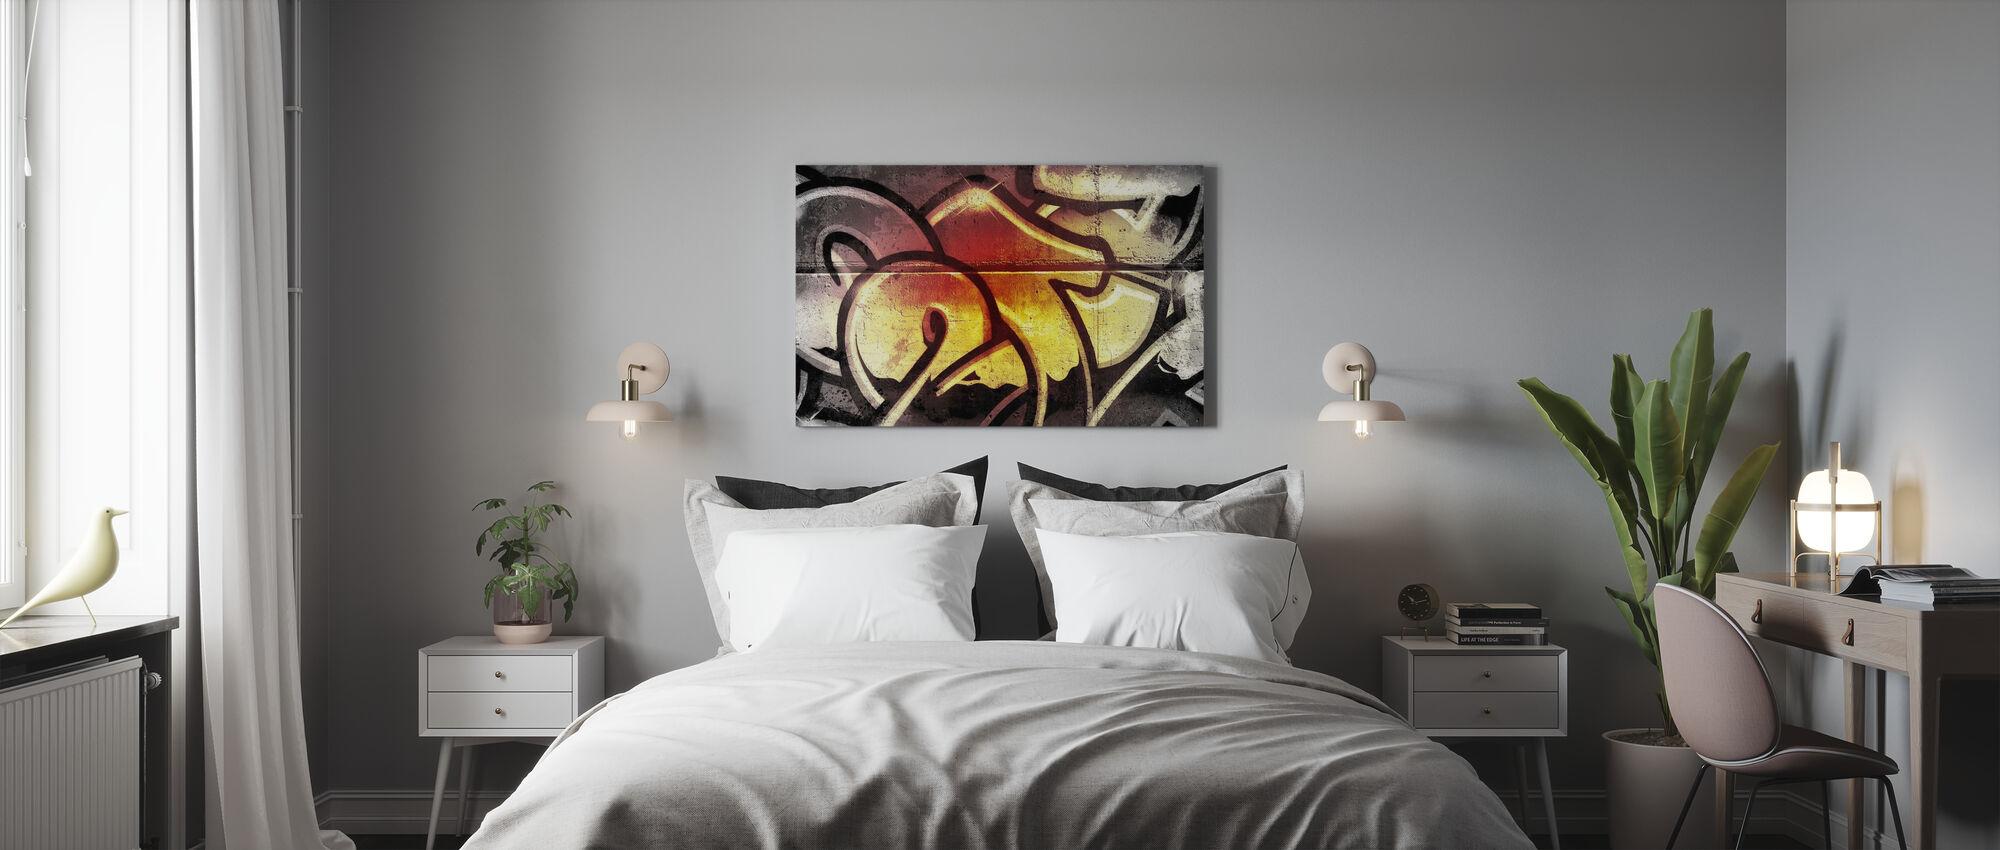 Kultainen graffiti - Canvastaulu - Makuuhuone